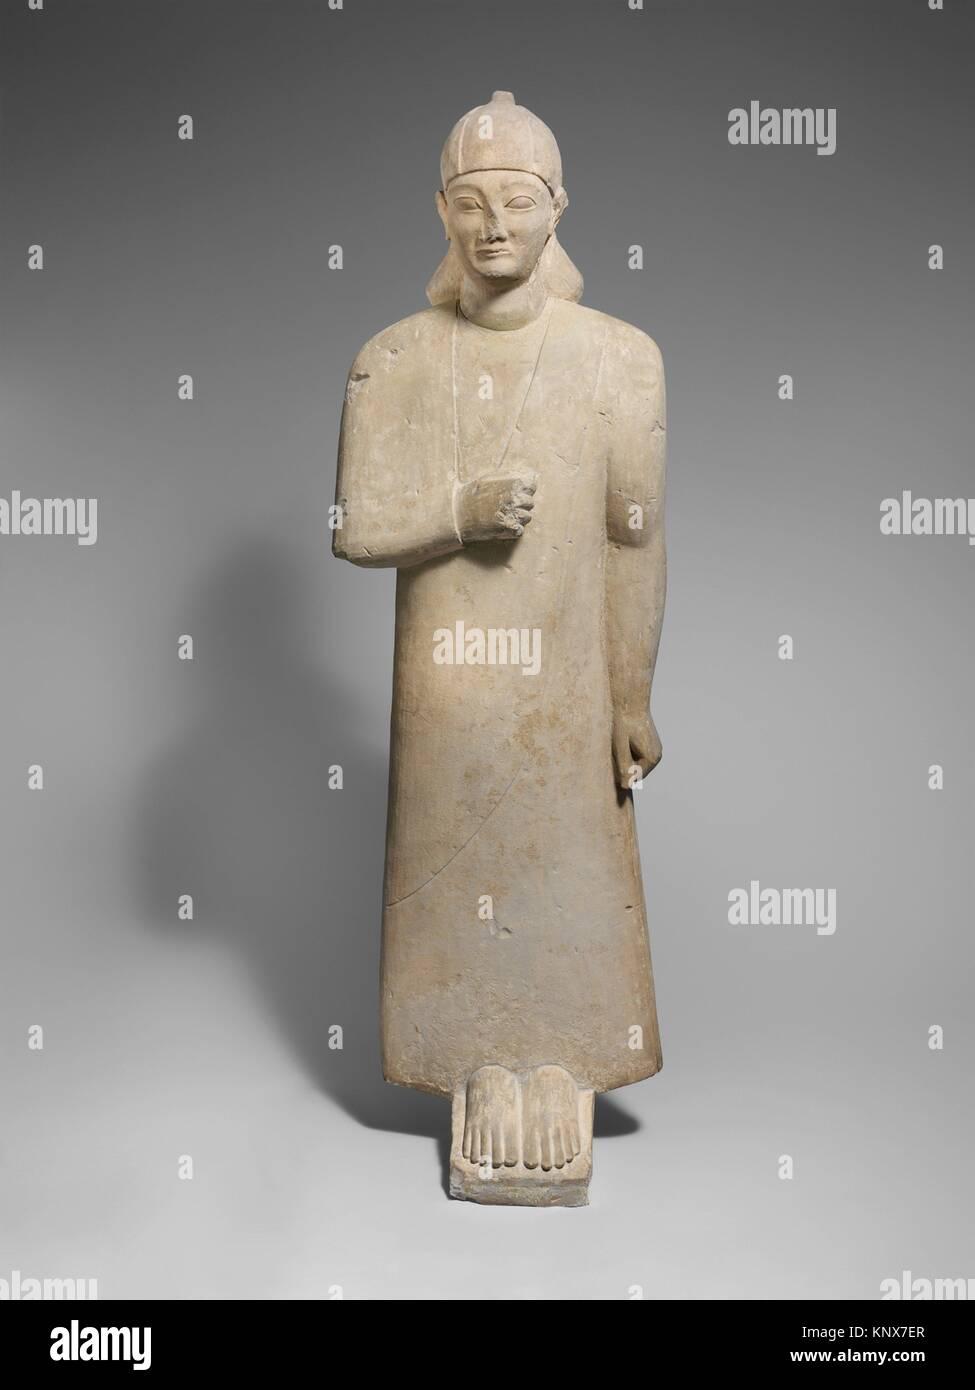 Caliza de votary lampiño macho viste una larga prenda y un casco cónico. Período: Arcaico; Fecha: ca. 550-525 B.C; Cultura: Chipriota; media: Foto de stock